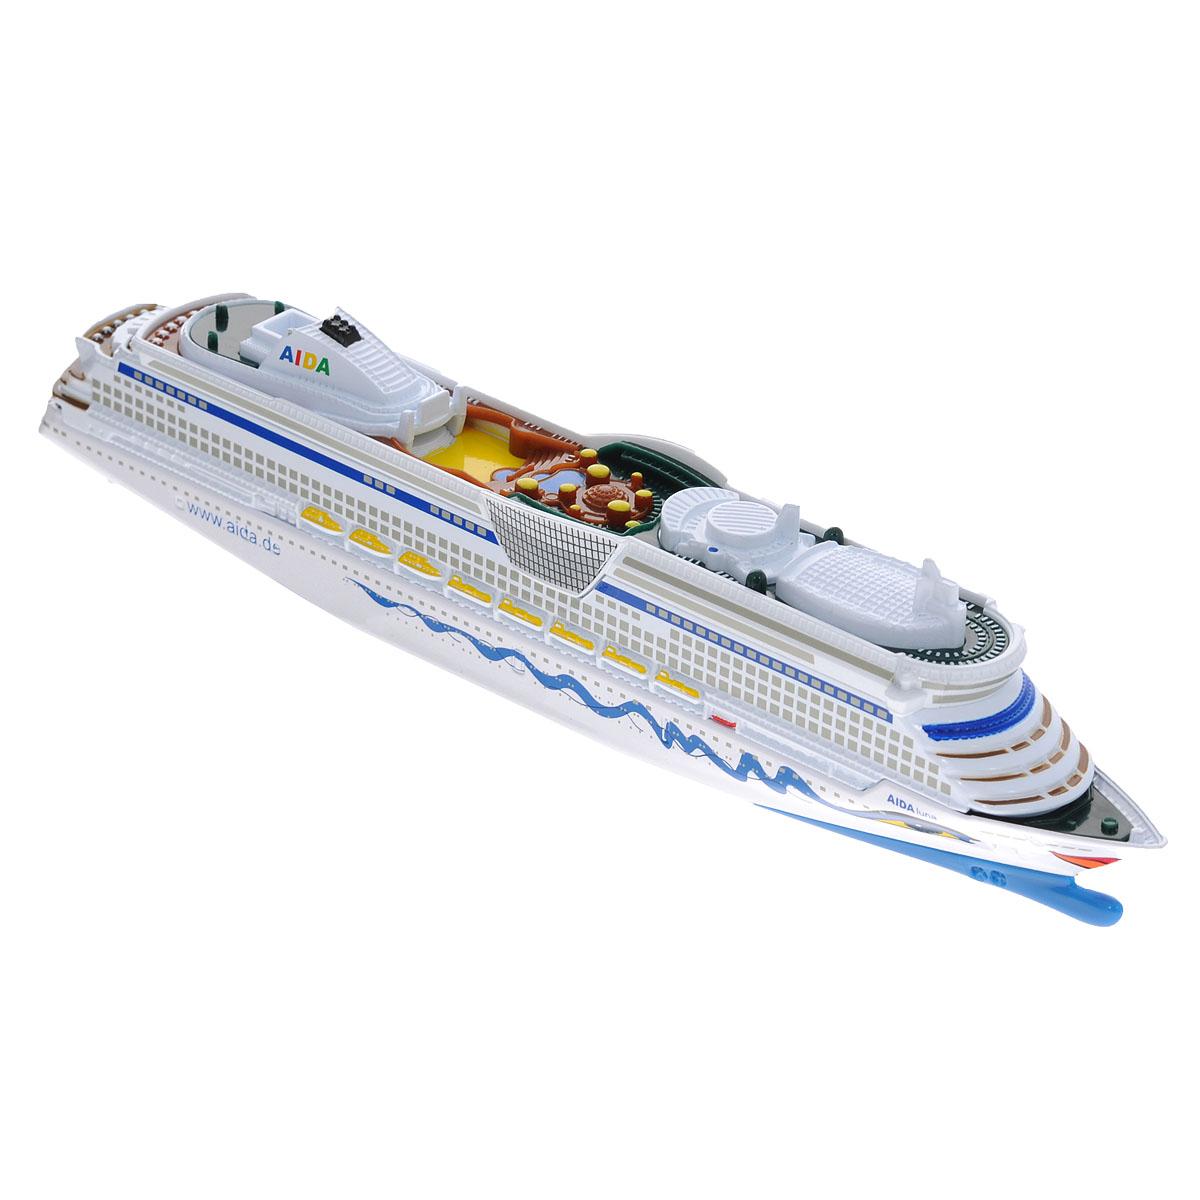 Siku Круизный лайнер AIDA Luna1720Коллекционная модель Siku Круизный лайнер выполнена в виде точной копии одного из круизных лайнеров немецкой туристической компании Aida в масштабе 1/1400. Лайнер совершает путешествия по Северному и Балтийскому морям, а также выходит на просторы Атлантического океана. Модель отличается высоким уровнем детализации. Лайнер выполнен из прочного пластика, а днище из металла. Корпус лайнера оформлен фирменными рисунками туристической компании - глазками и губами, расплывшимися в улыбке. Коллекционная модель станет не только интересной игрушкой для ребенка, но и займет достойное место в коллекции. Порадуйте его таким замечательным подарком!